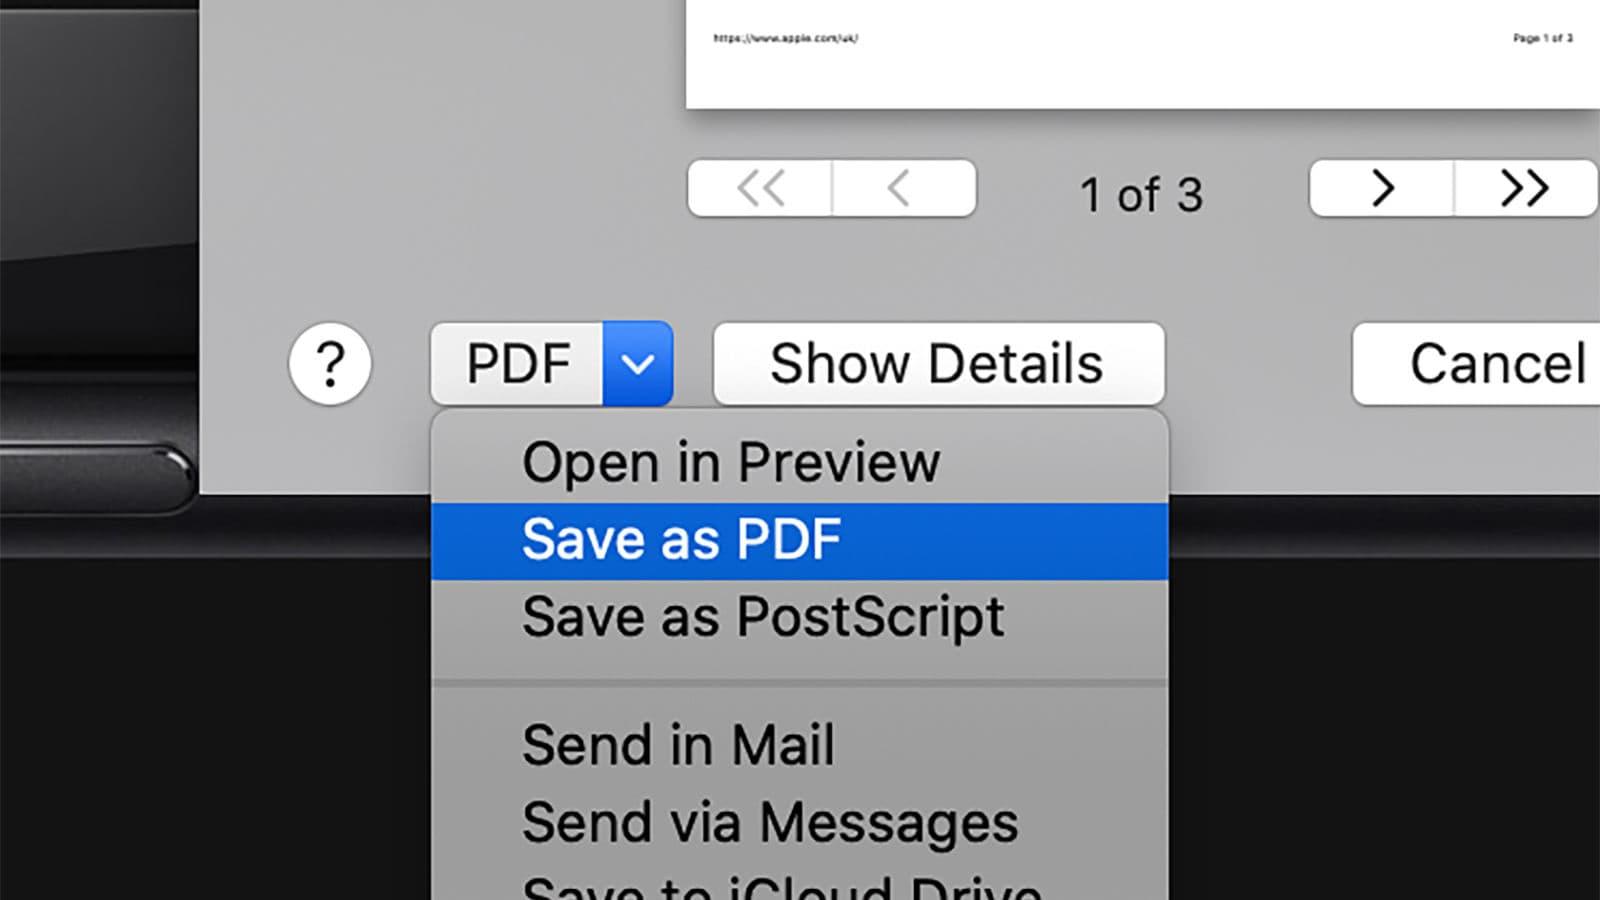 Salvando PDFs a partir da caixa de diálogo de impressão do macOS